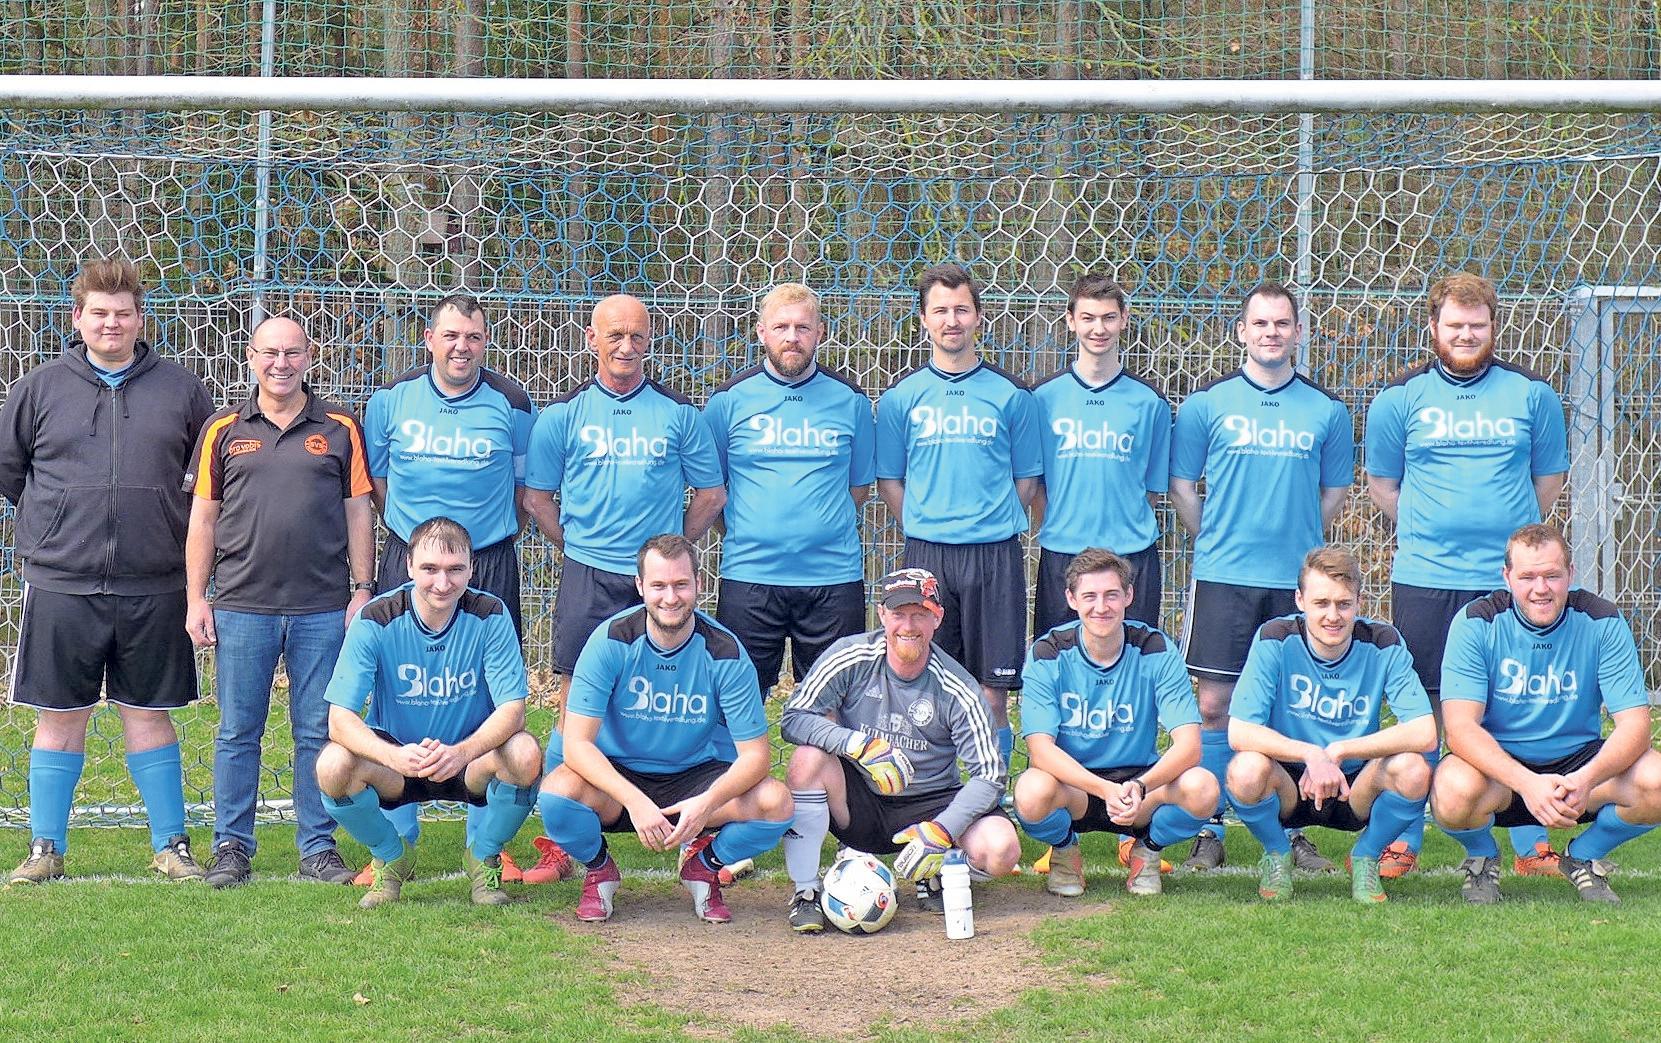 Die zweite Mannschaft des SV Schreez schloss die Saison in der B-Klasse Bayreuth 6 mit einem achten Tabellenplatz ab. Fotos: SV Schreez